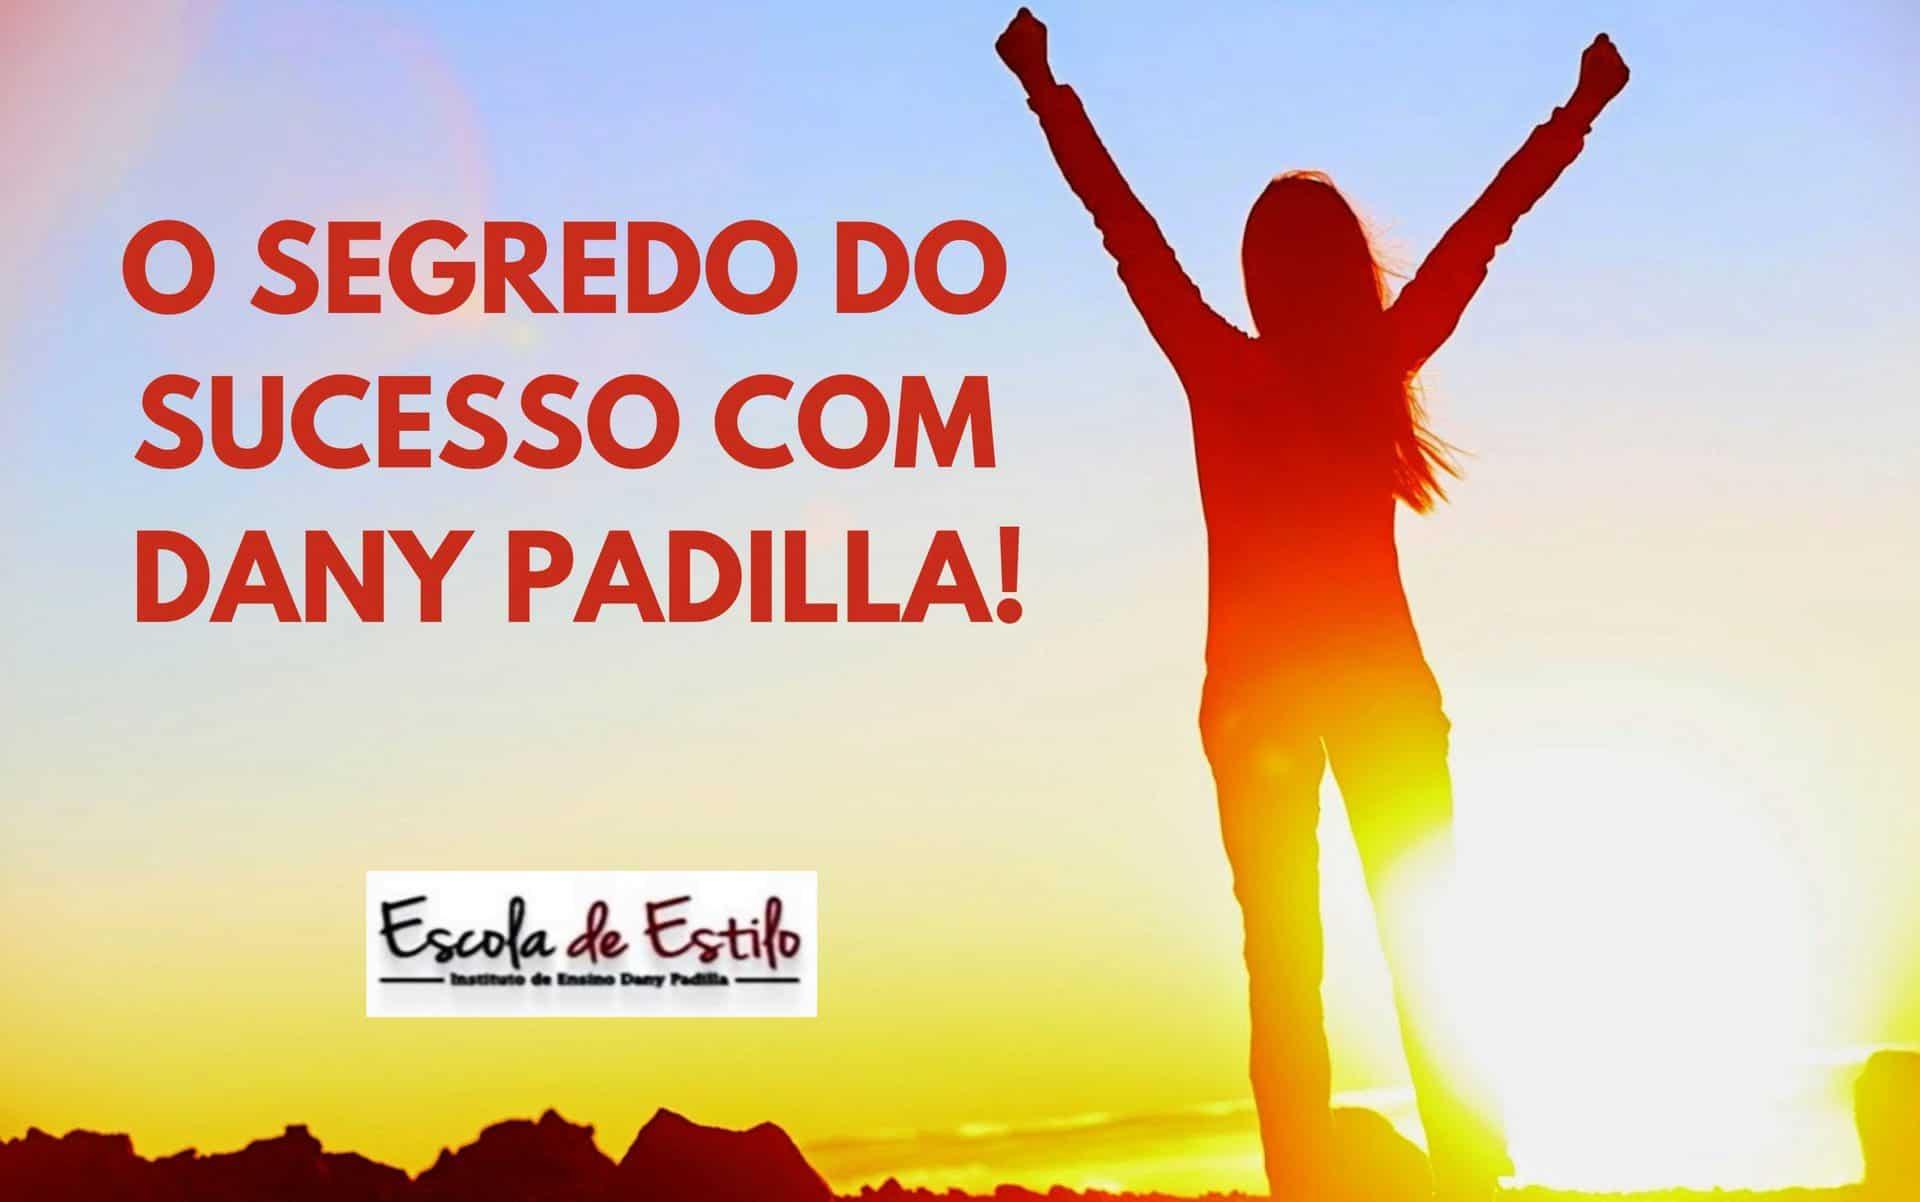 O SEGREDO DO SUCESSO COM DANY PADILLA